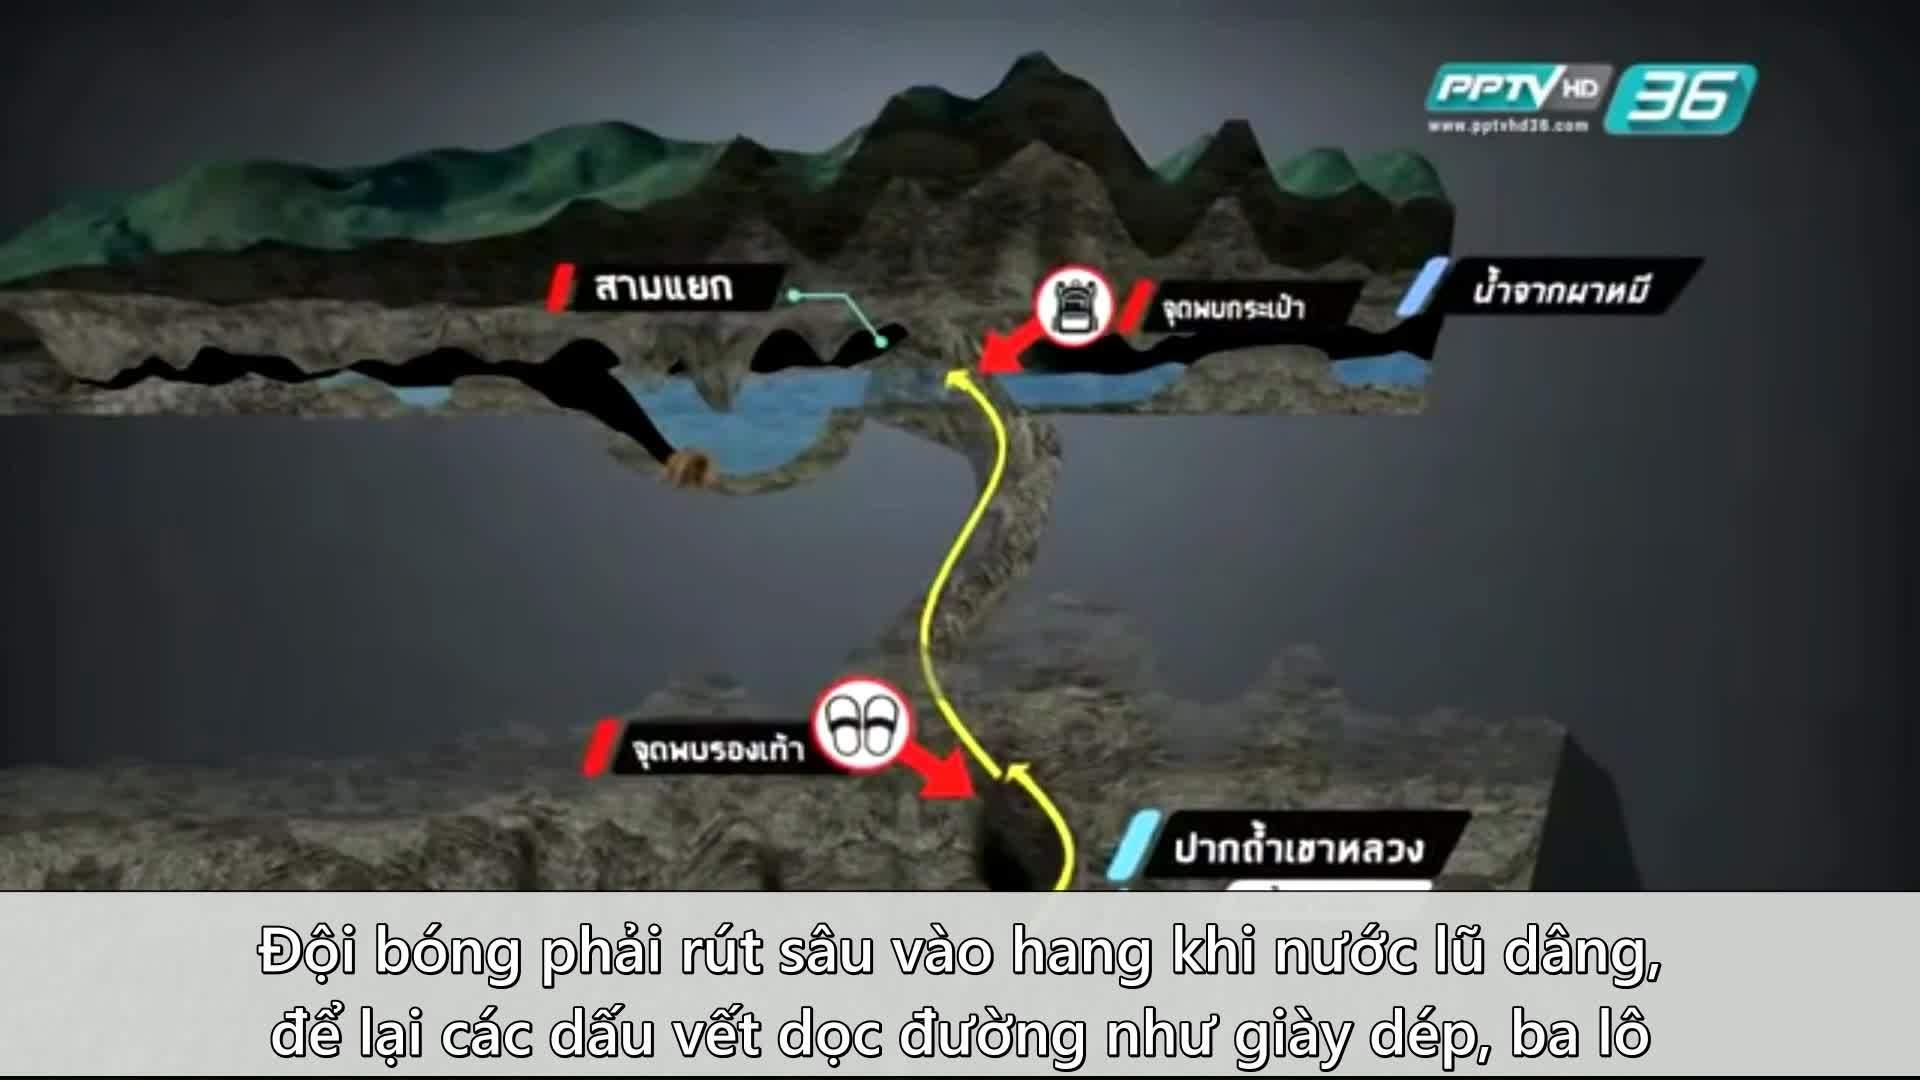 Hành trình giải cứu đội bóng nhí Thái Lan khỏi hang ngập nước